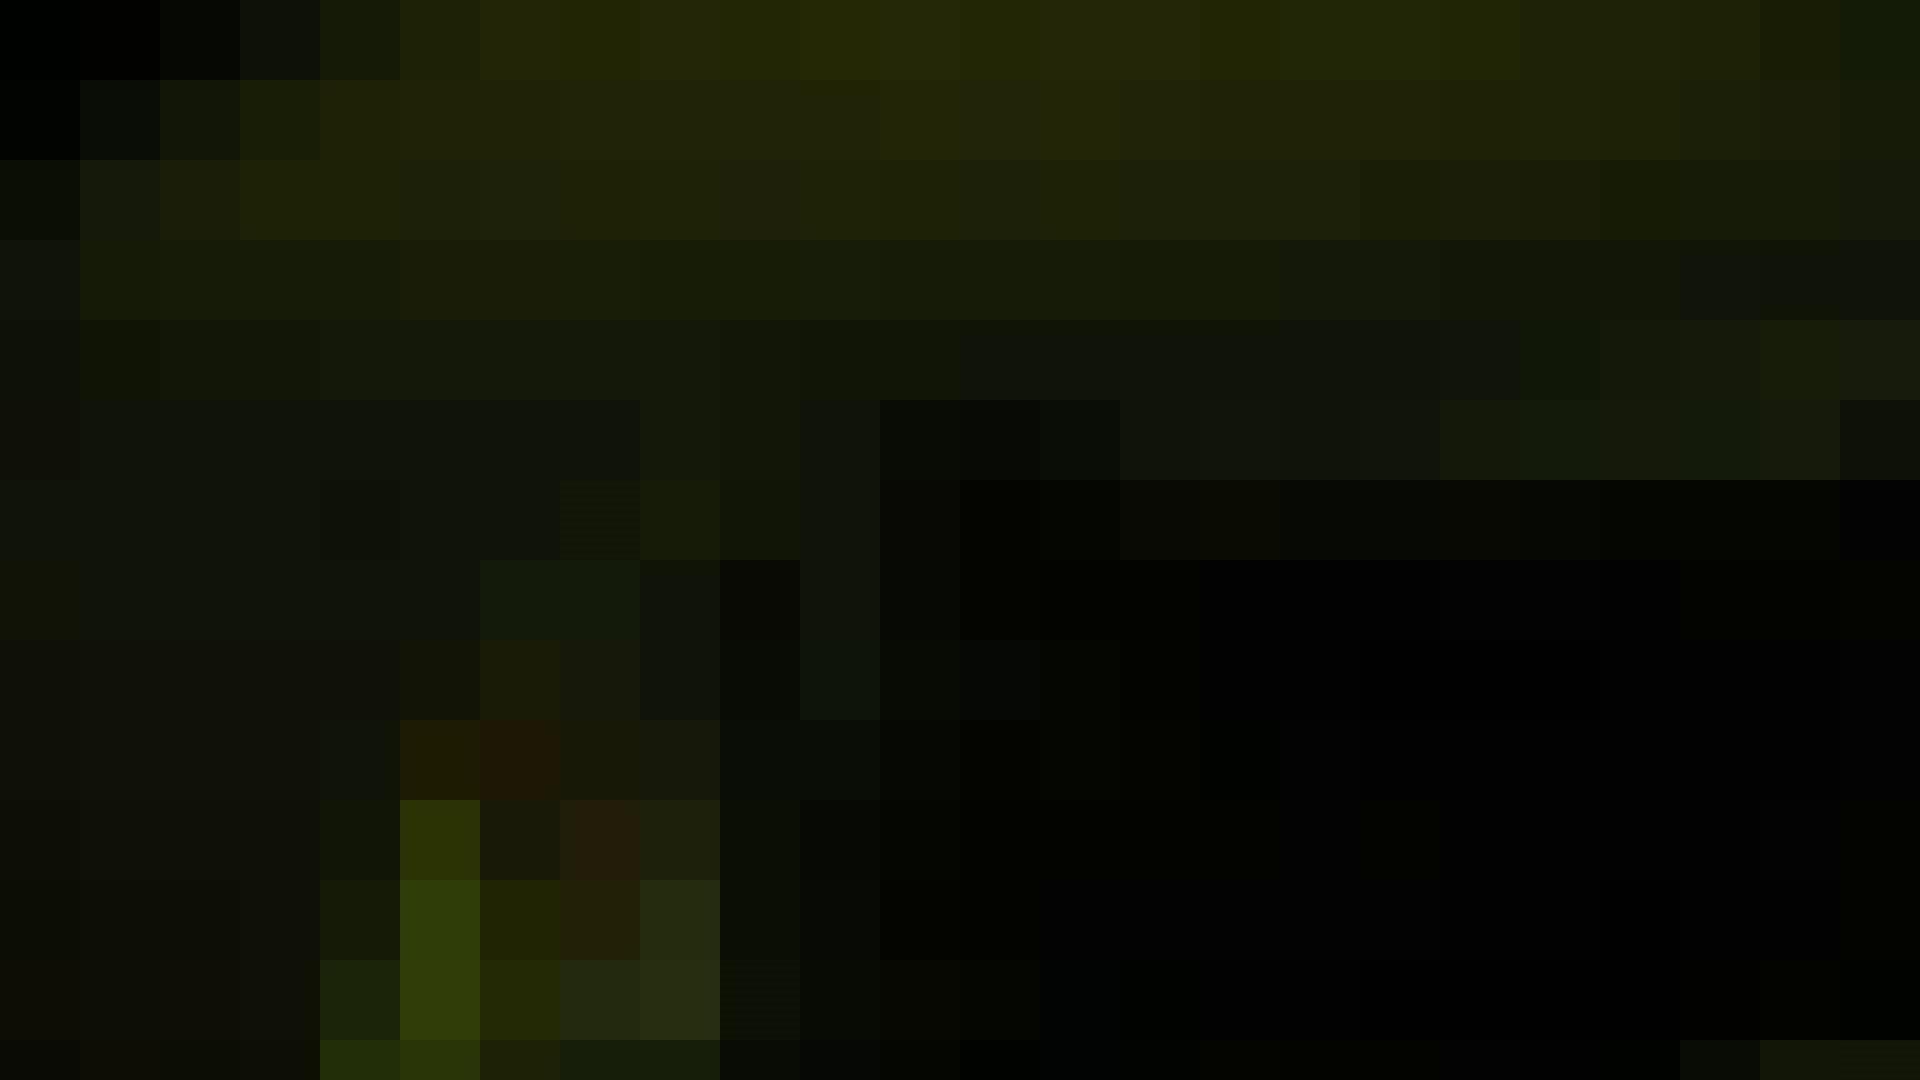 阿国ちゃんの「和式洋式七変化」No.18 iBO(フタコブ) 洗面所  112pic 84